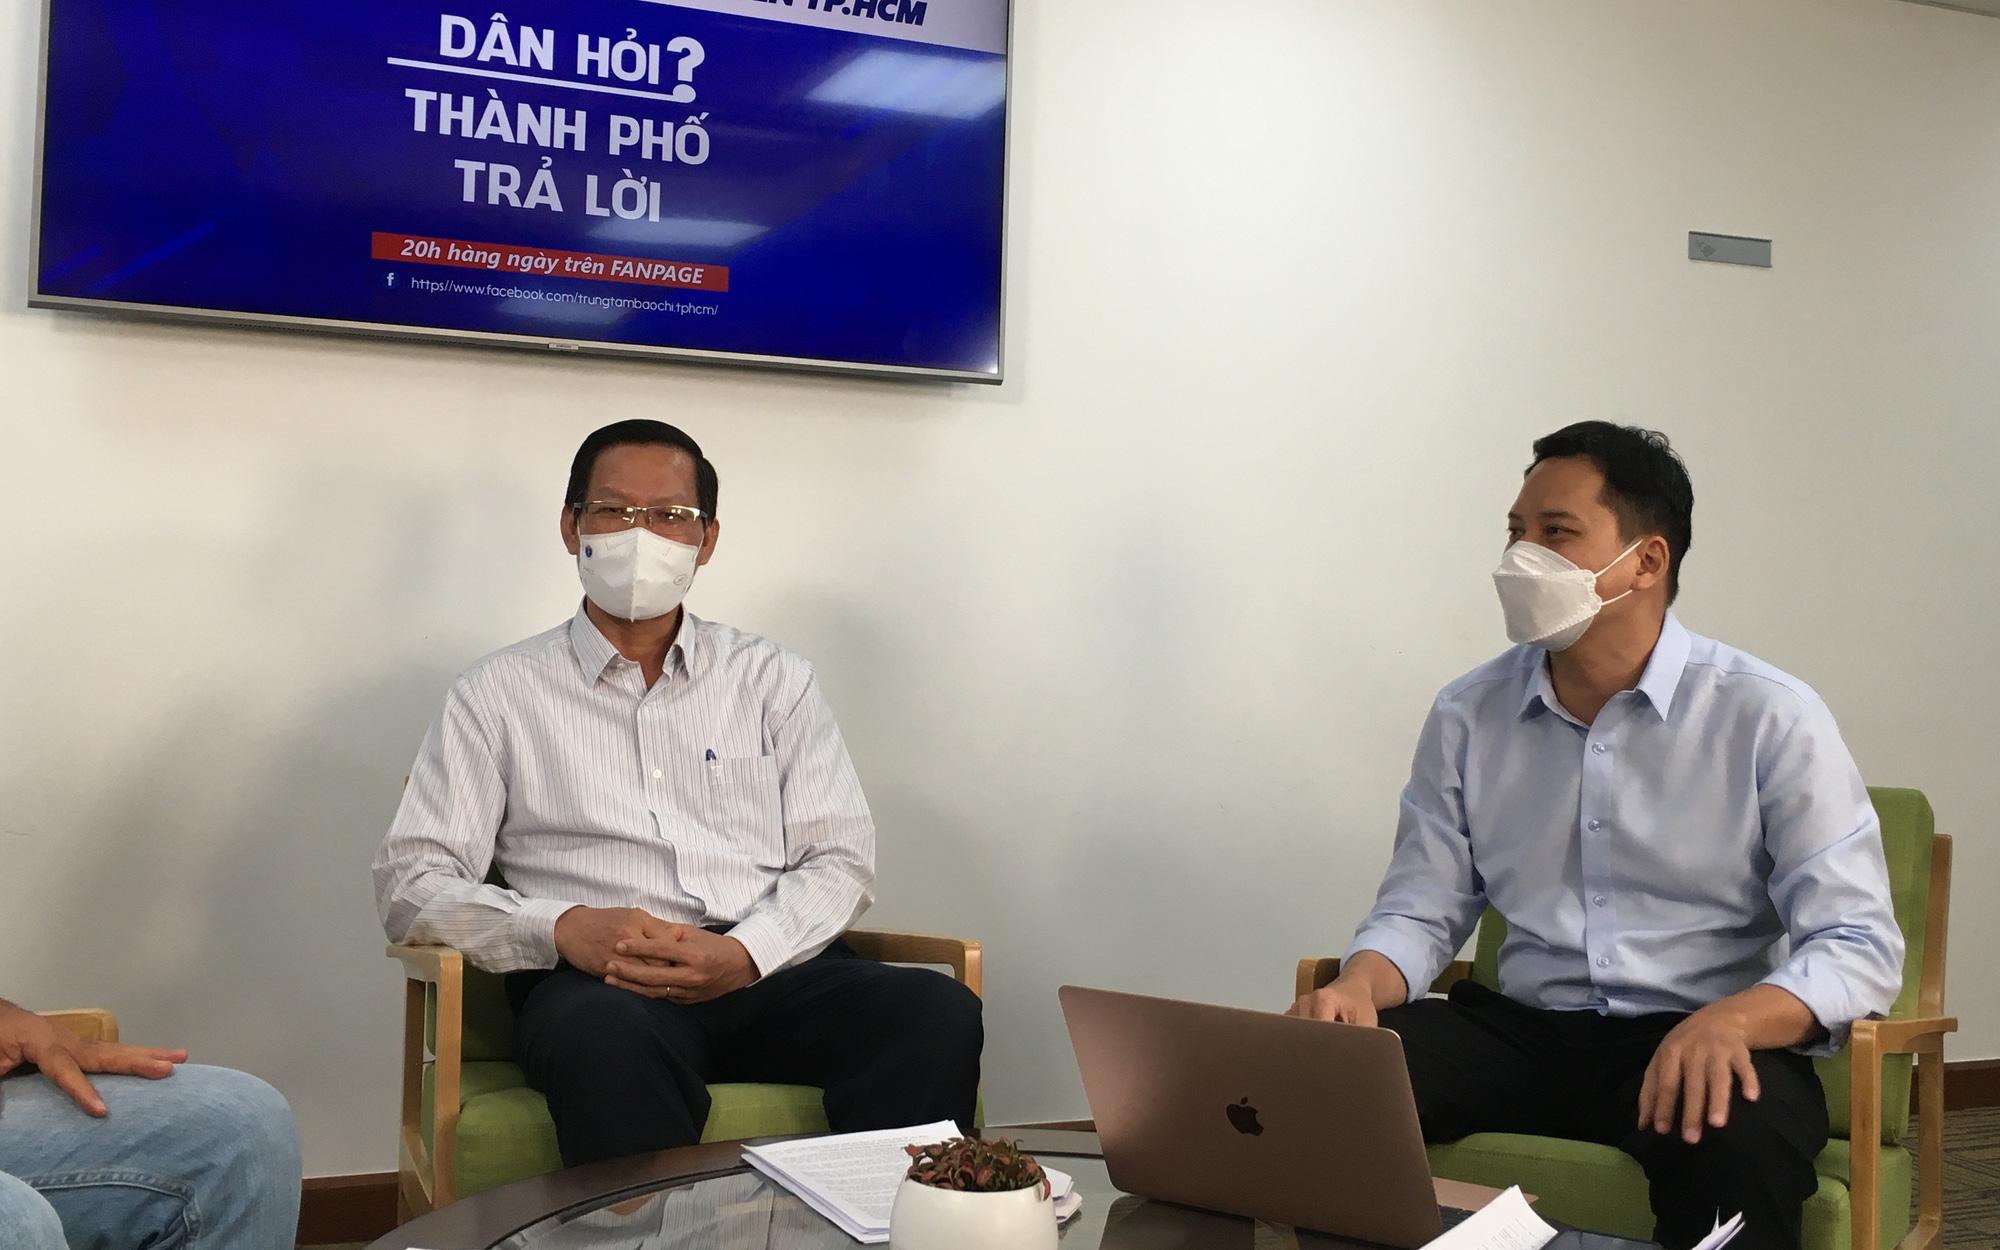 Lần đầu tiên Chủ tịch UBND TP.HCM lên sóng livestream: Sau 15/9 đã nới lỏng giãn cách?